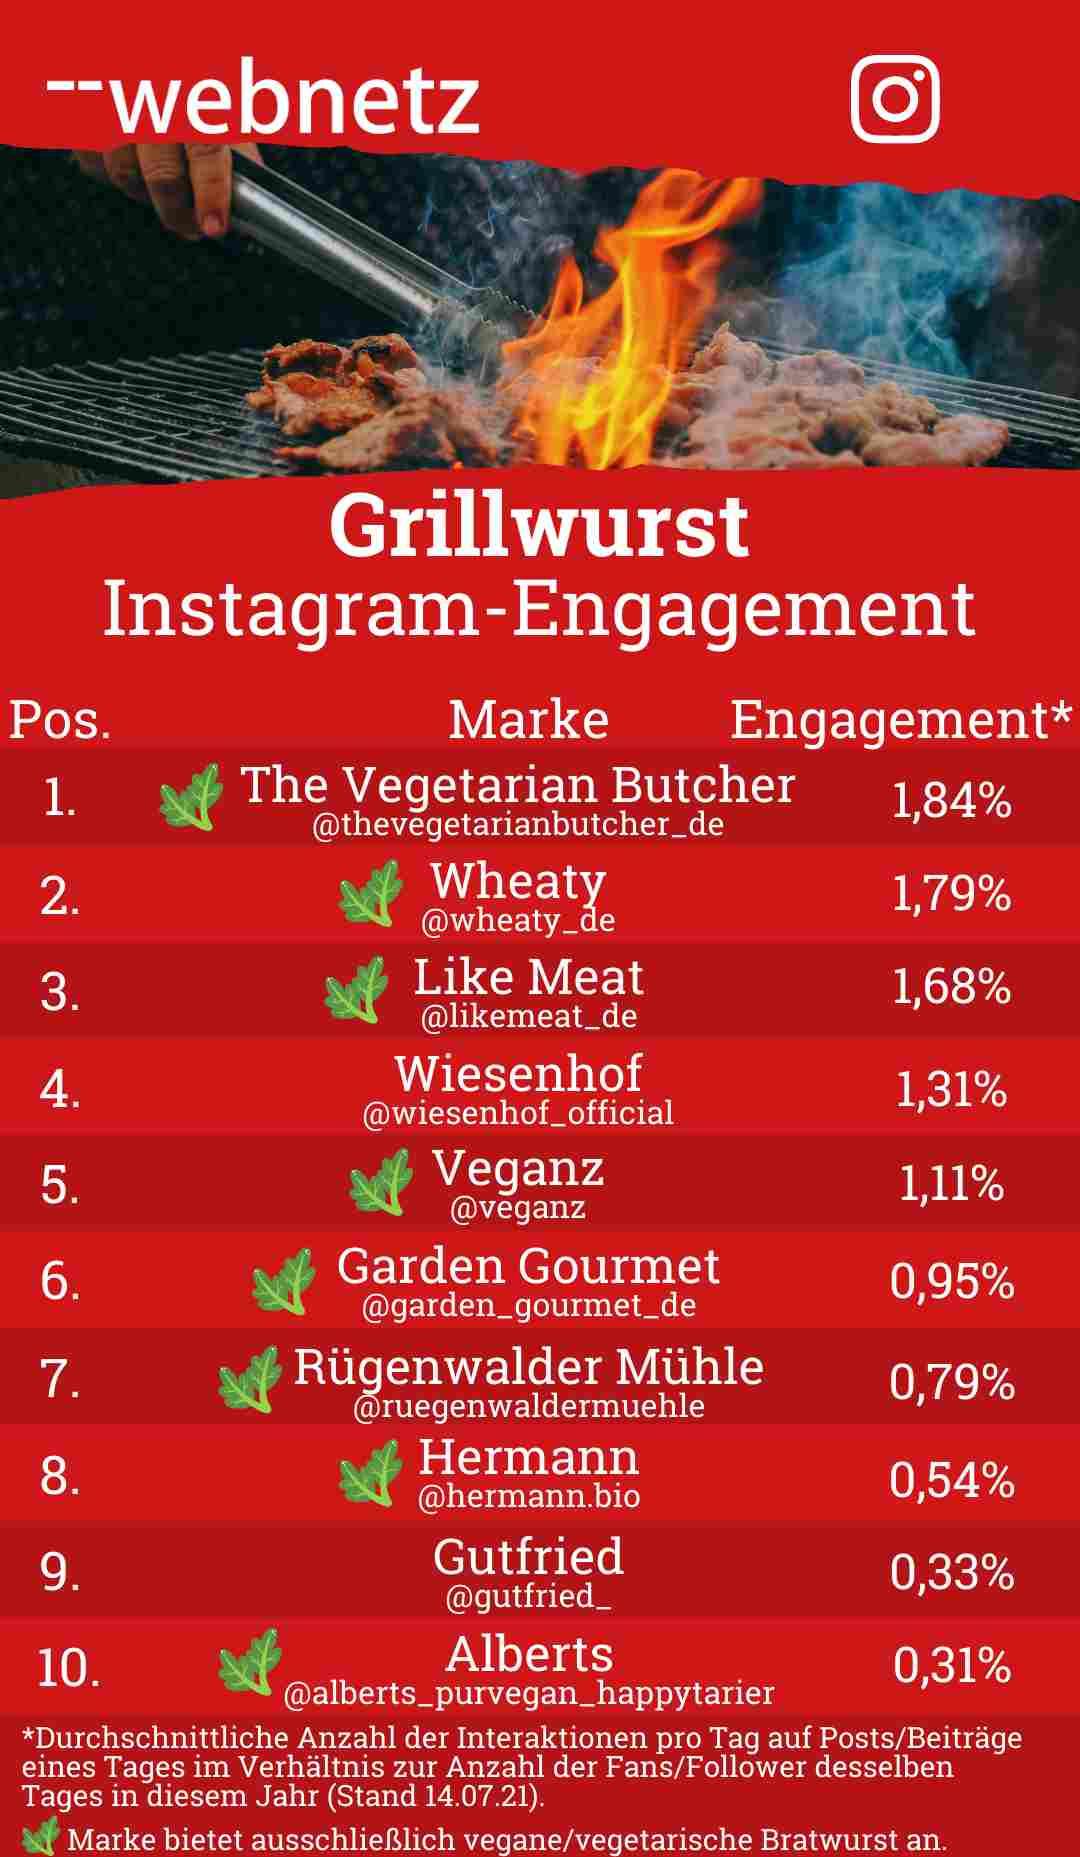 Grillwurst Instagram-Engagement